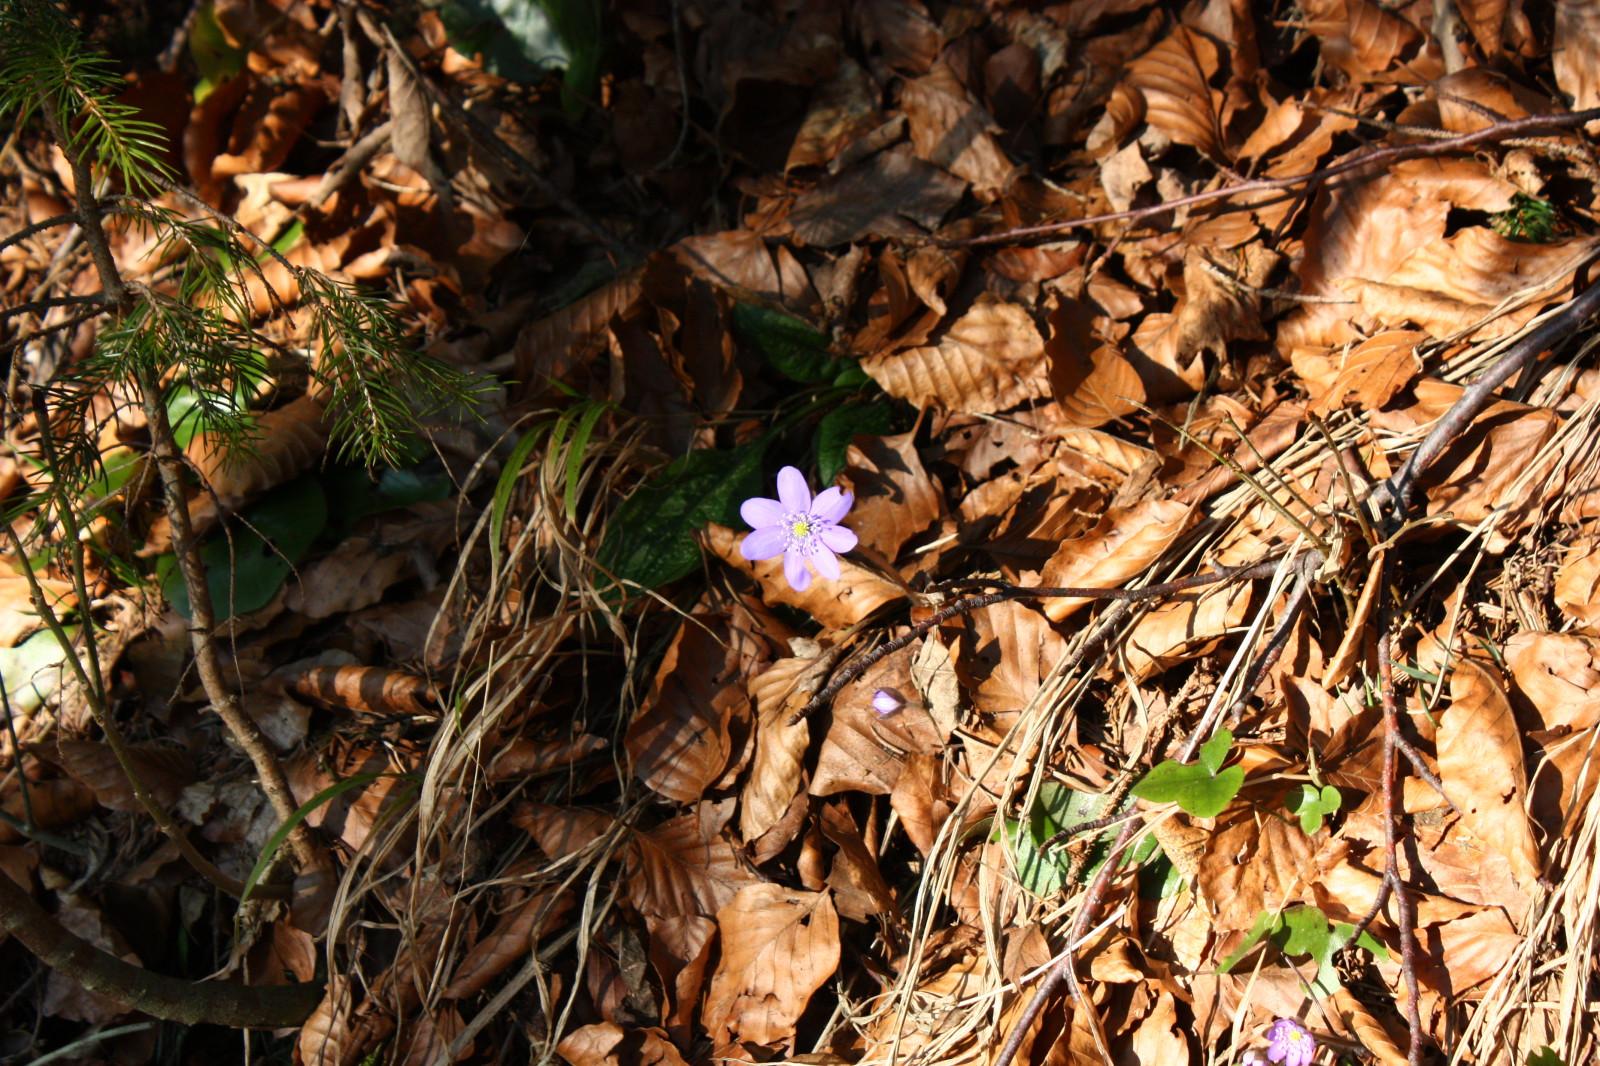 Frühlingsanfang: Zarte Blümchen blinzeln schon durch.